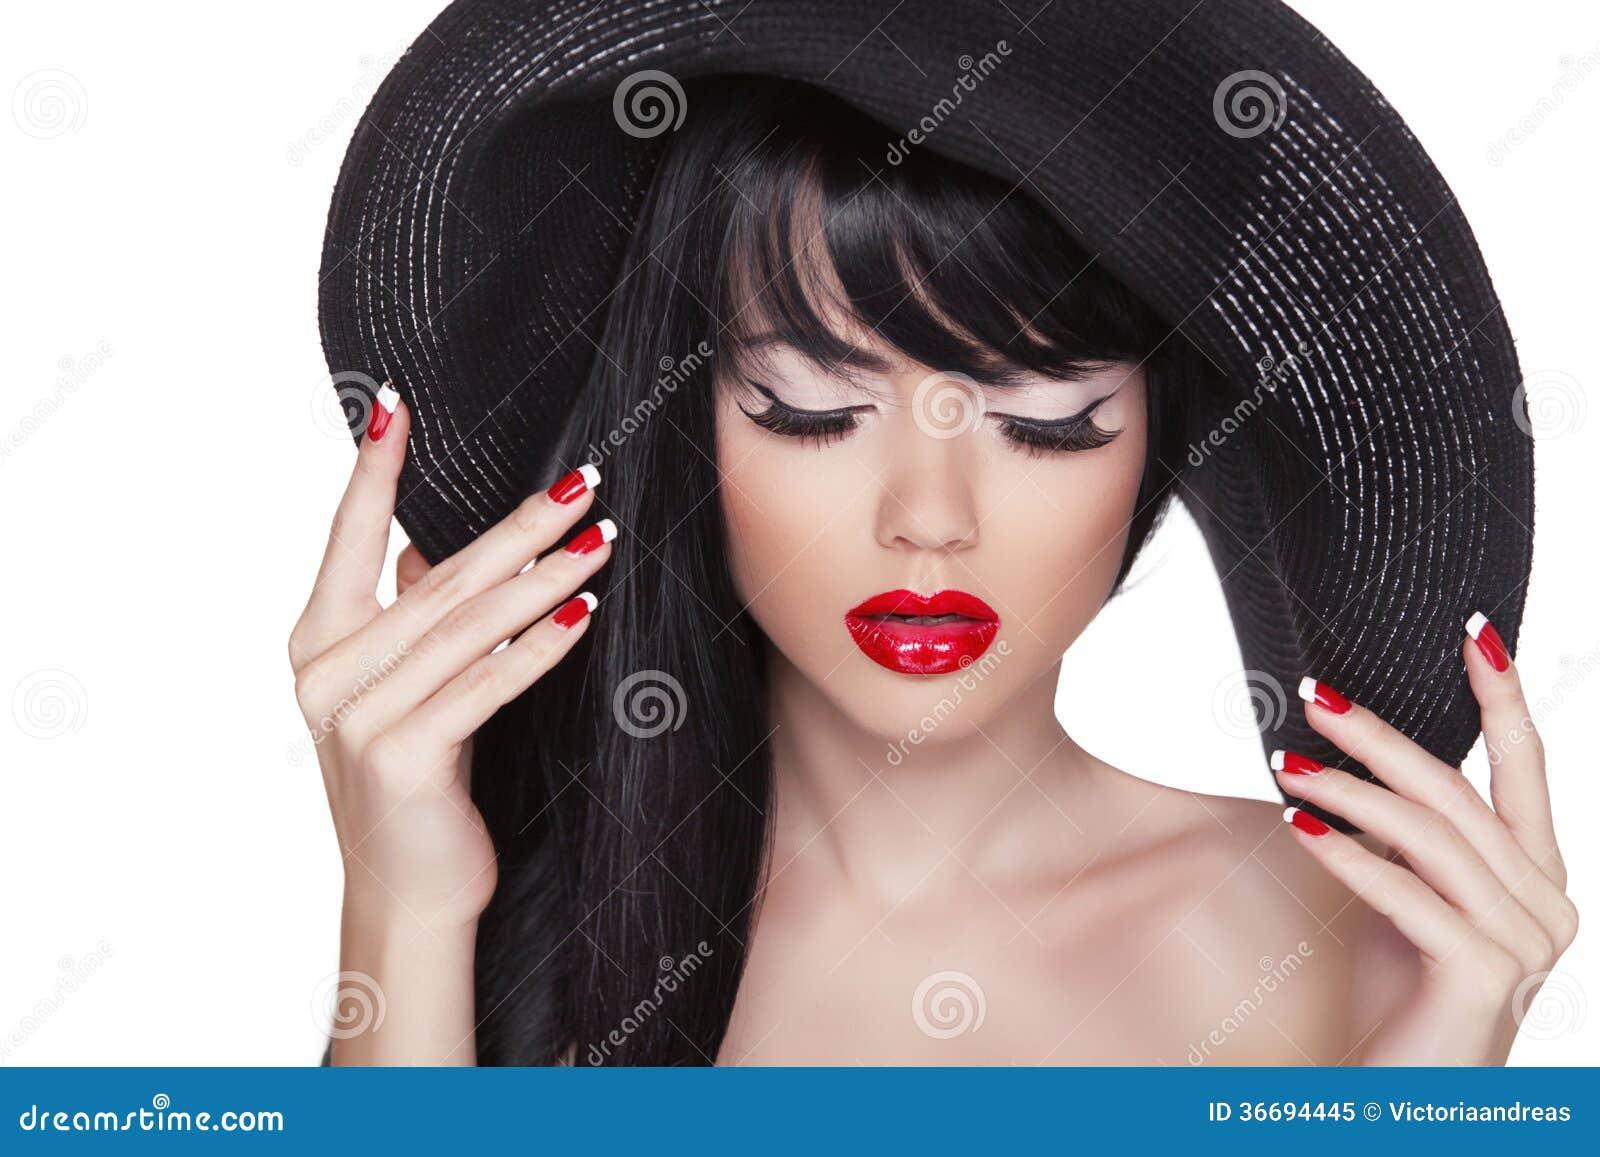 Сексуальная девочка в шляпе